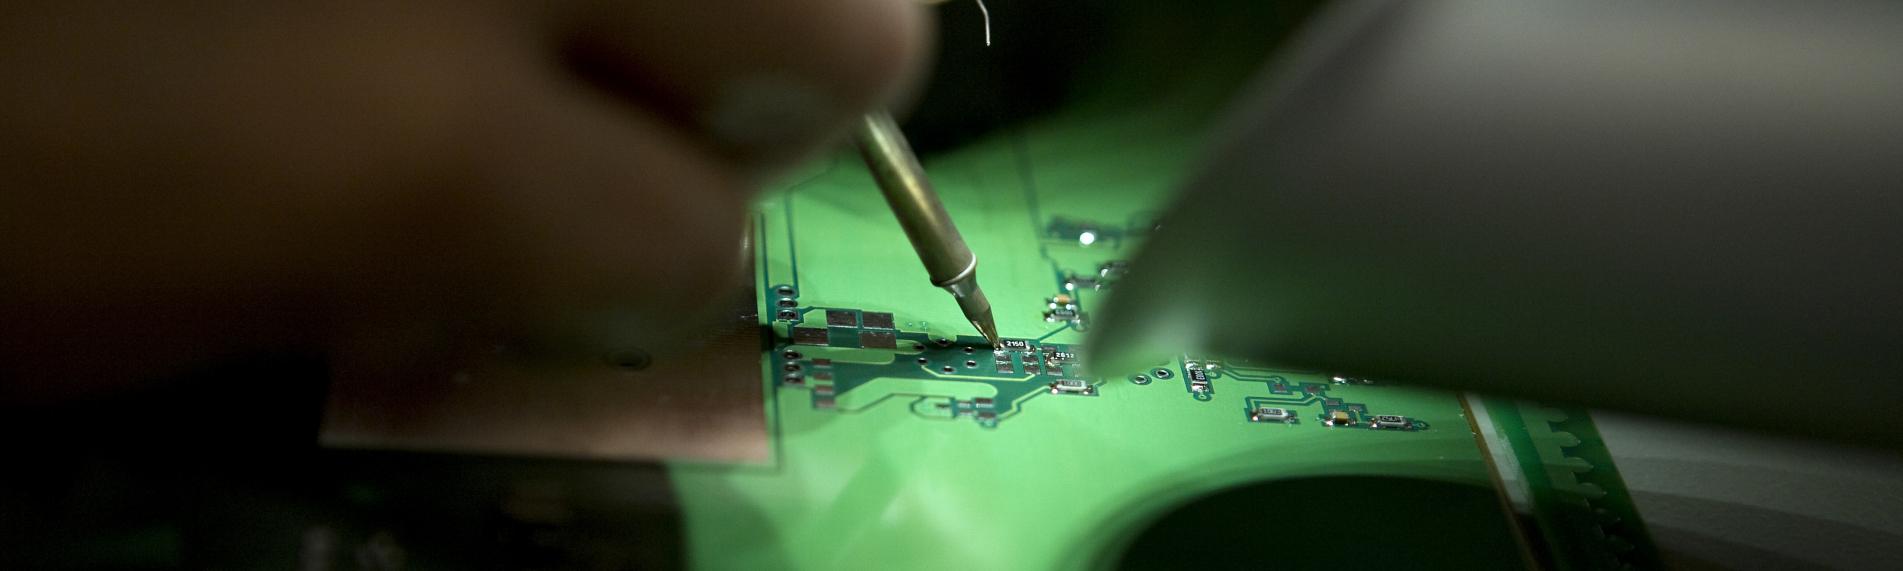 Elektronikföretaget Terma sparar 150.000 KWh varje år